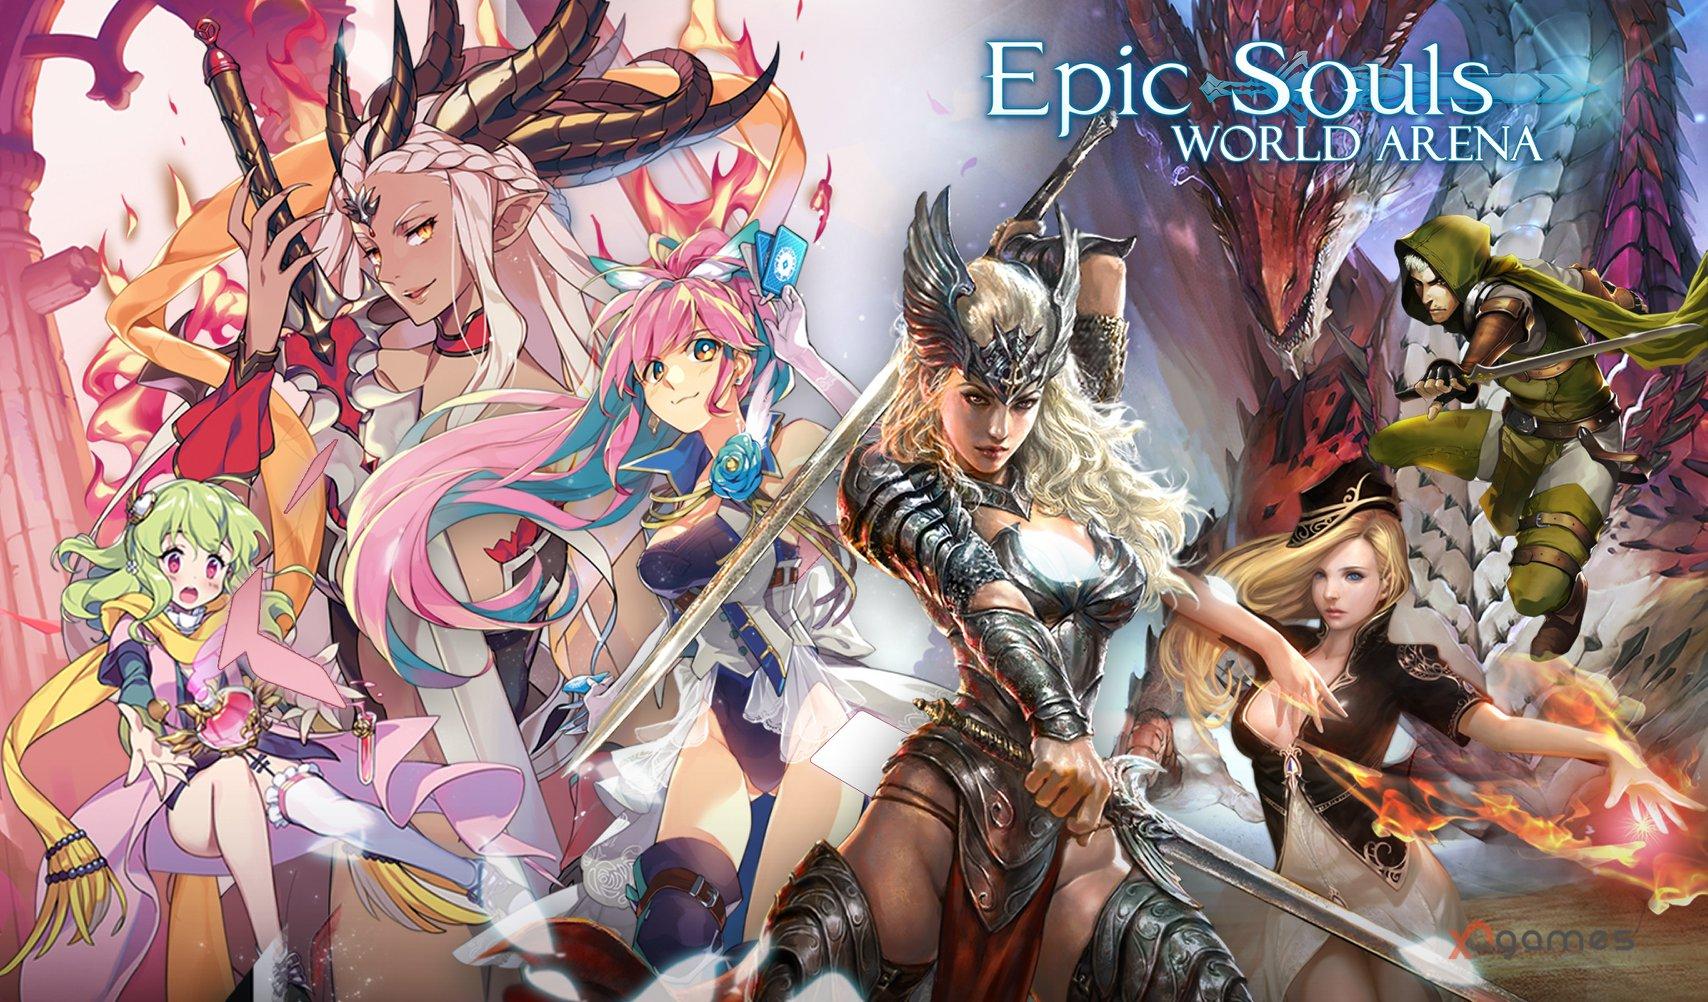 Epic Souls 992020 1